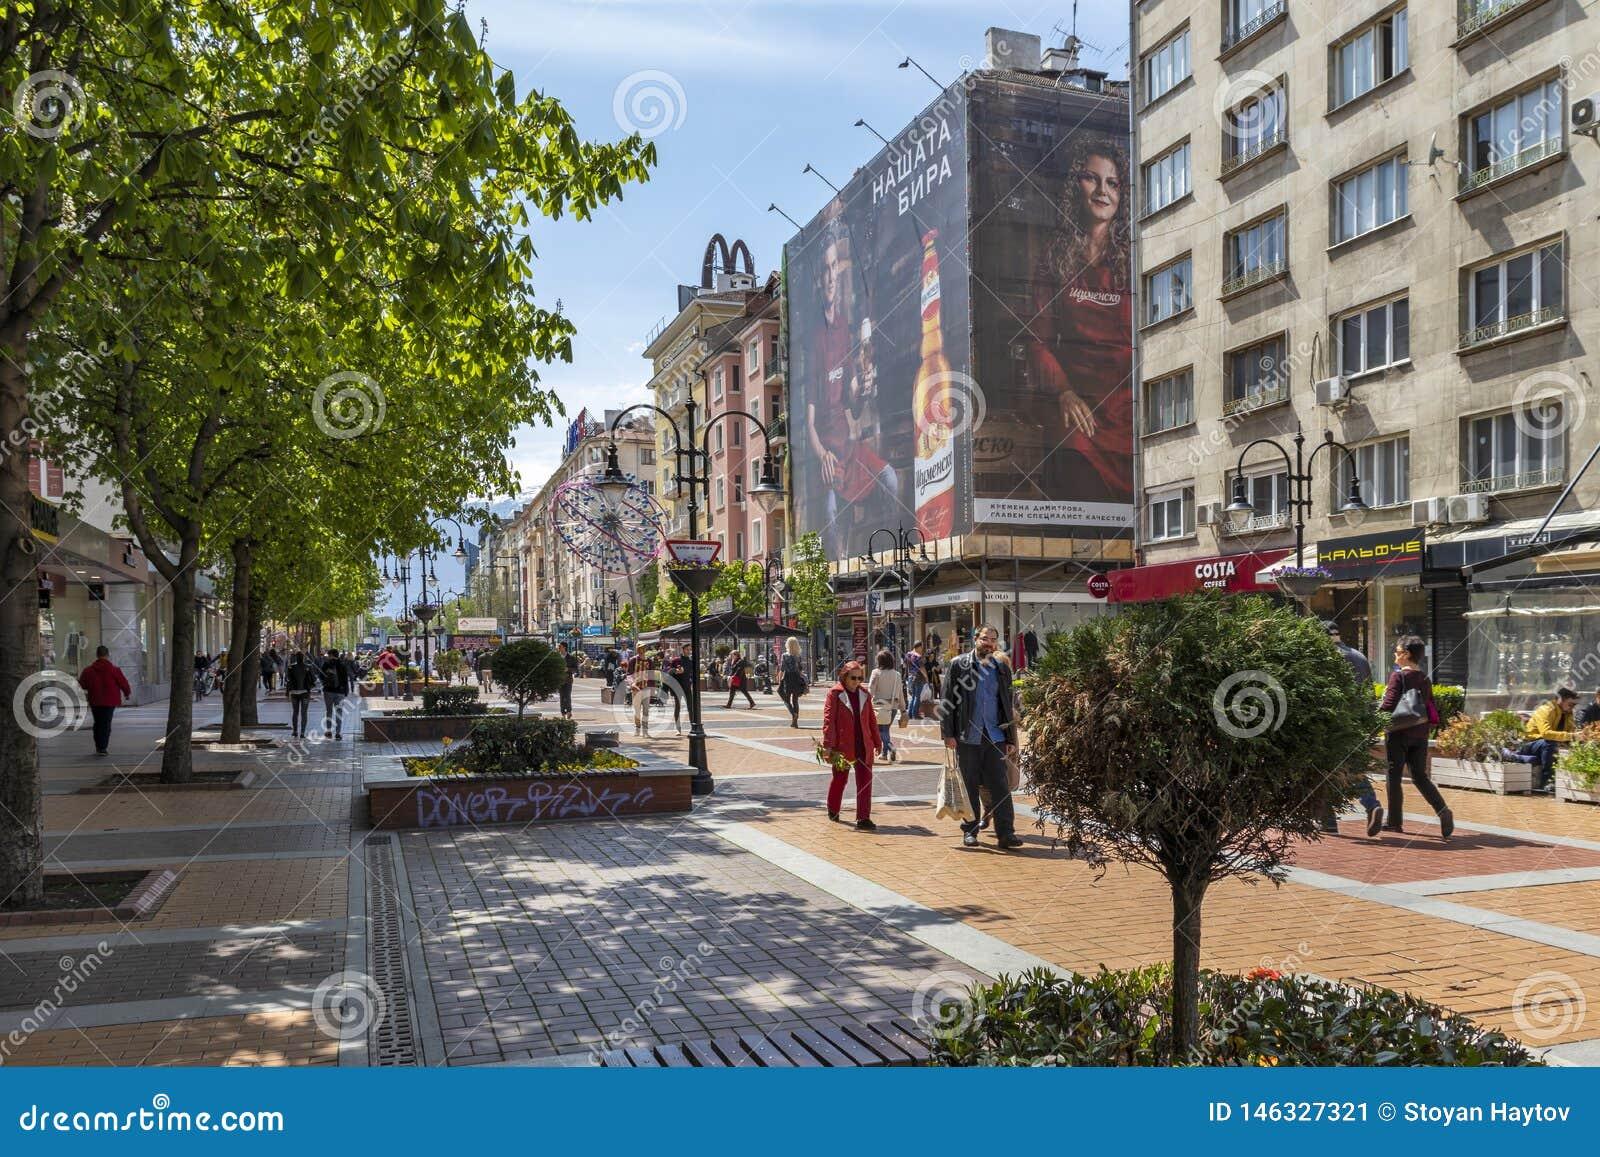 Personnes de marche sur le boulevard Vitosha dans la ville de Sofia, Bulgarie